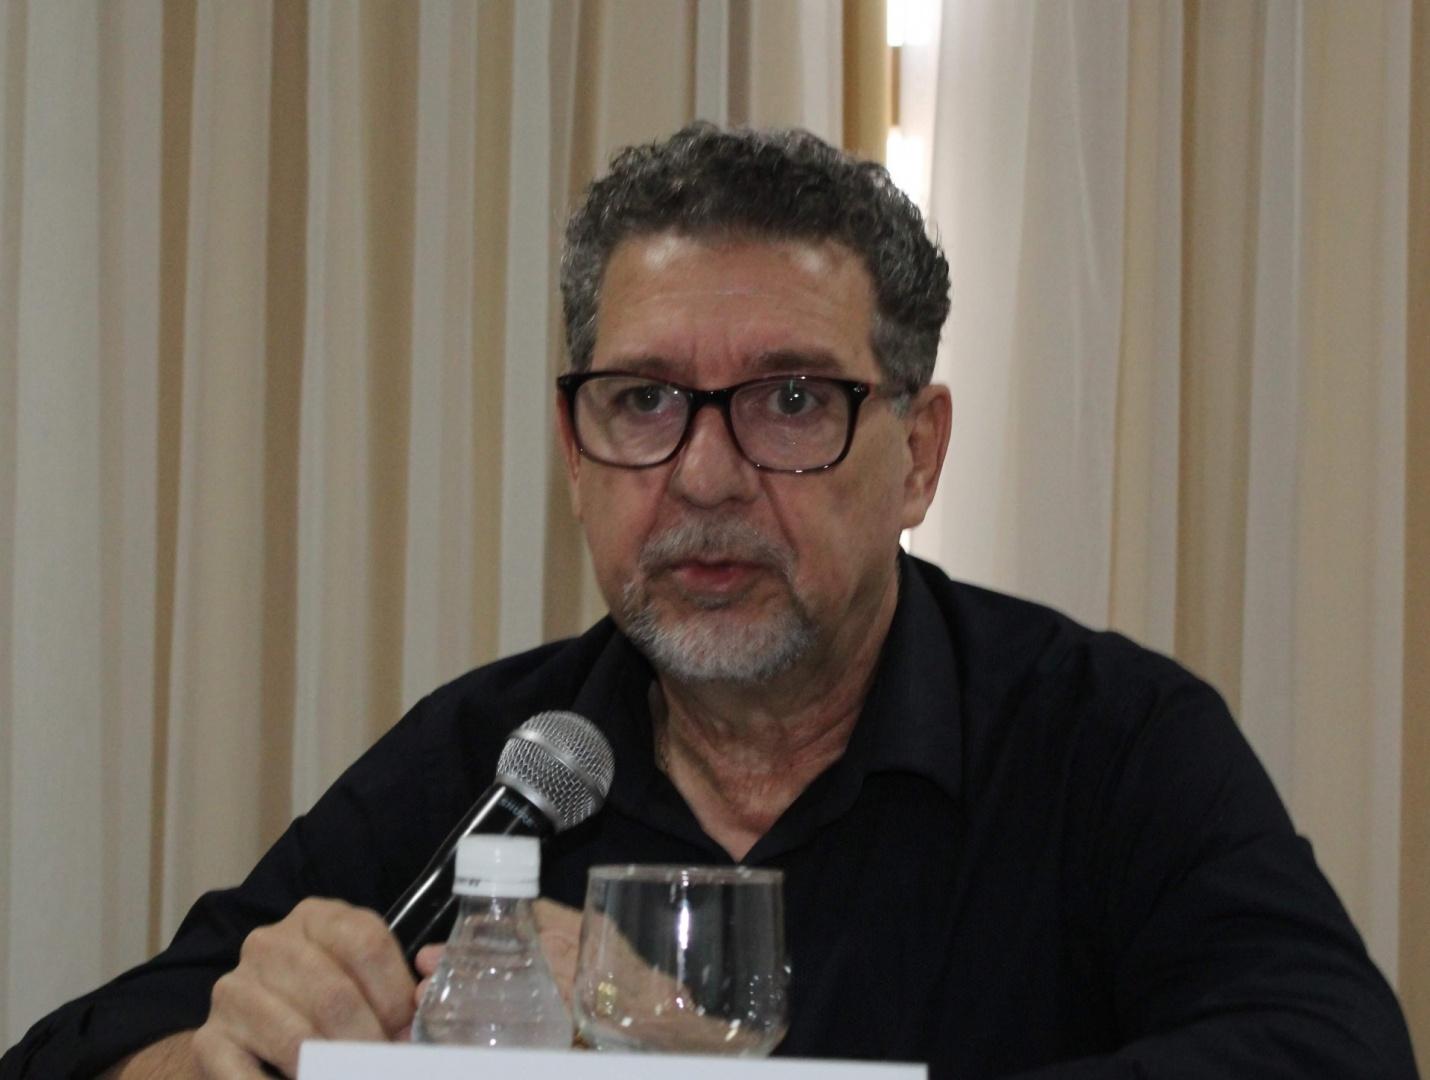 Aldo Christiano